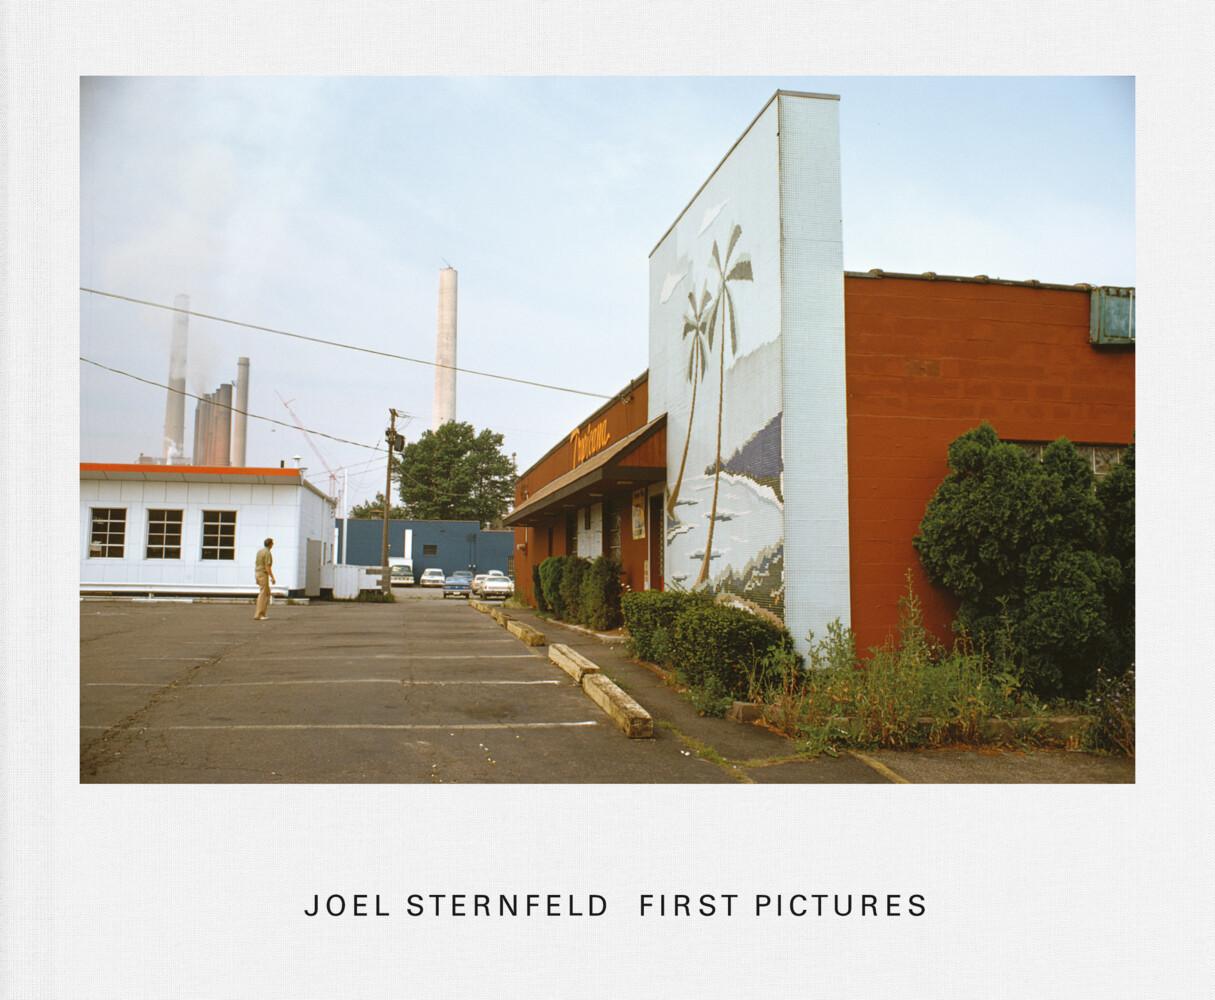 First Pictures als Buch von Joel Sternfeld